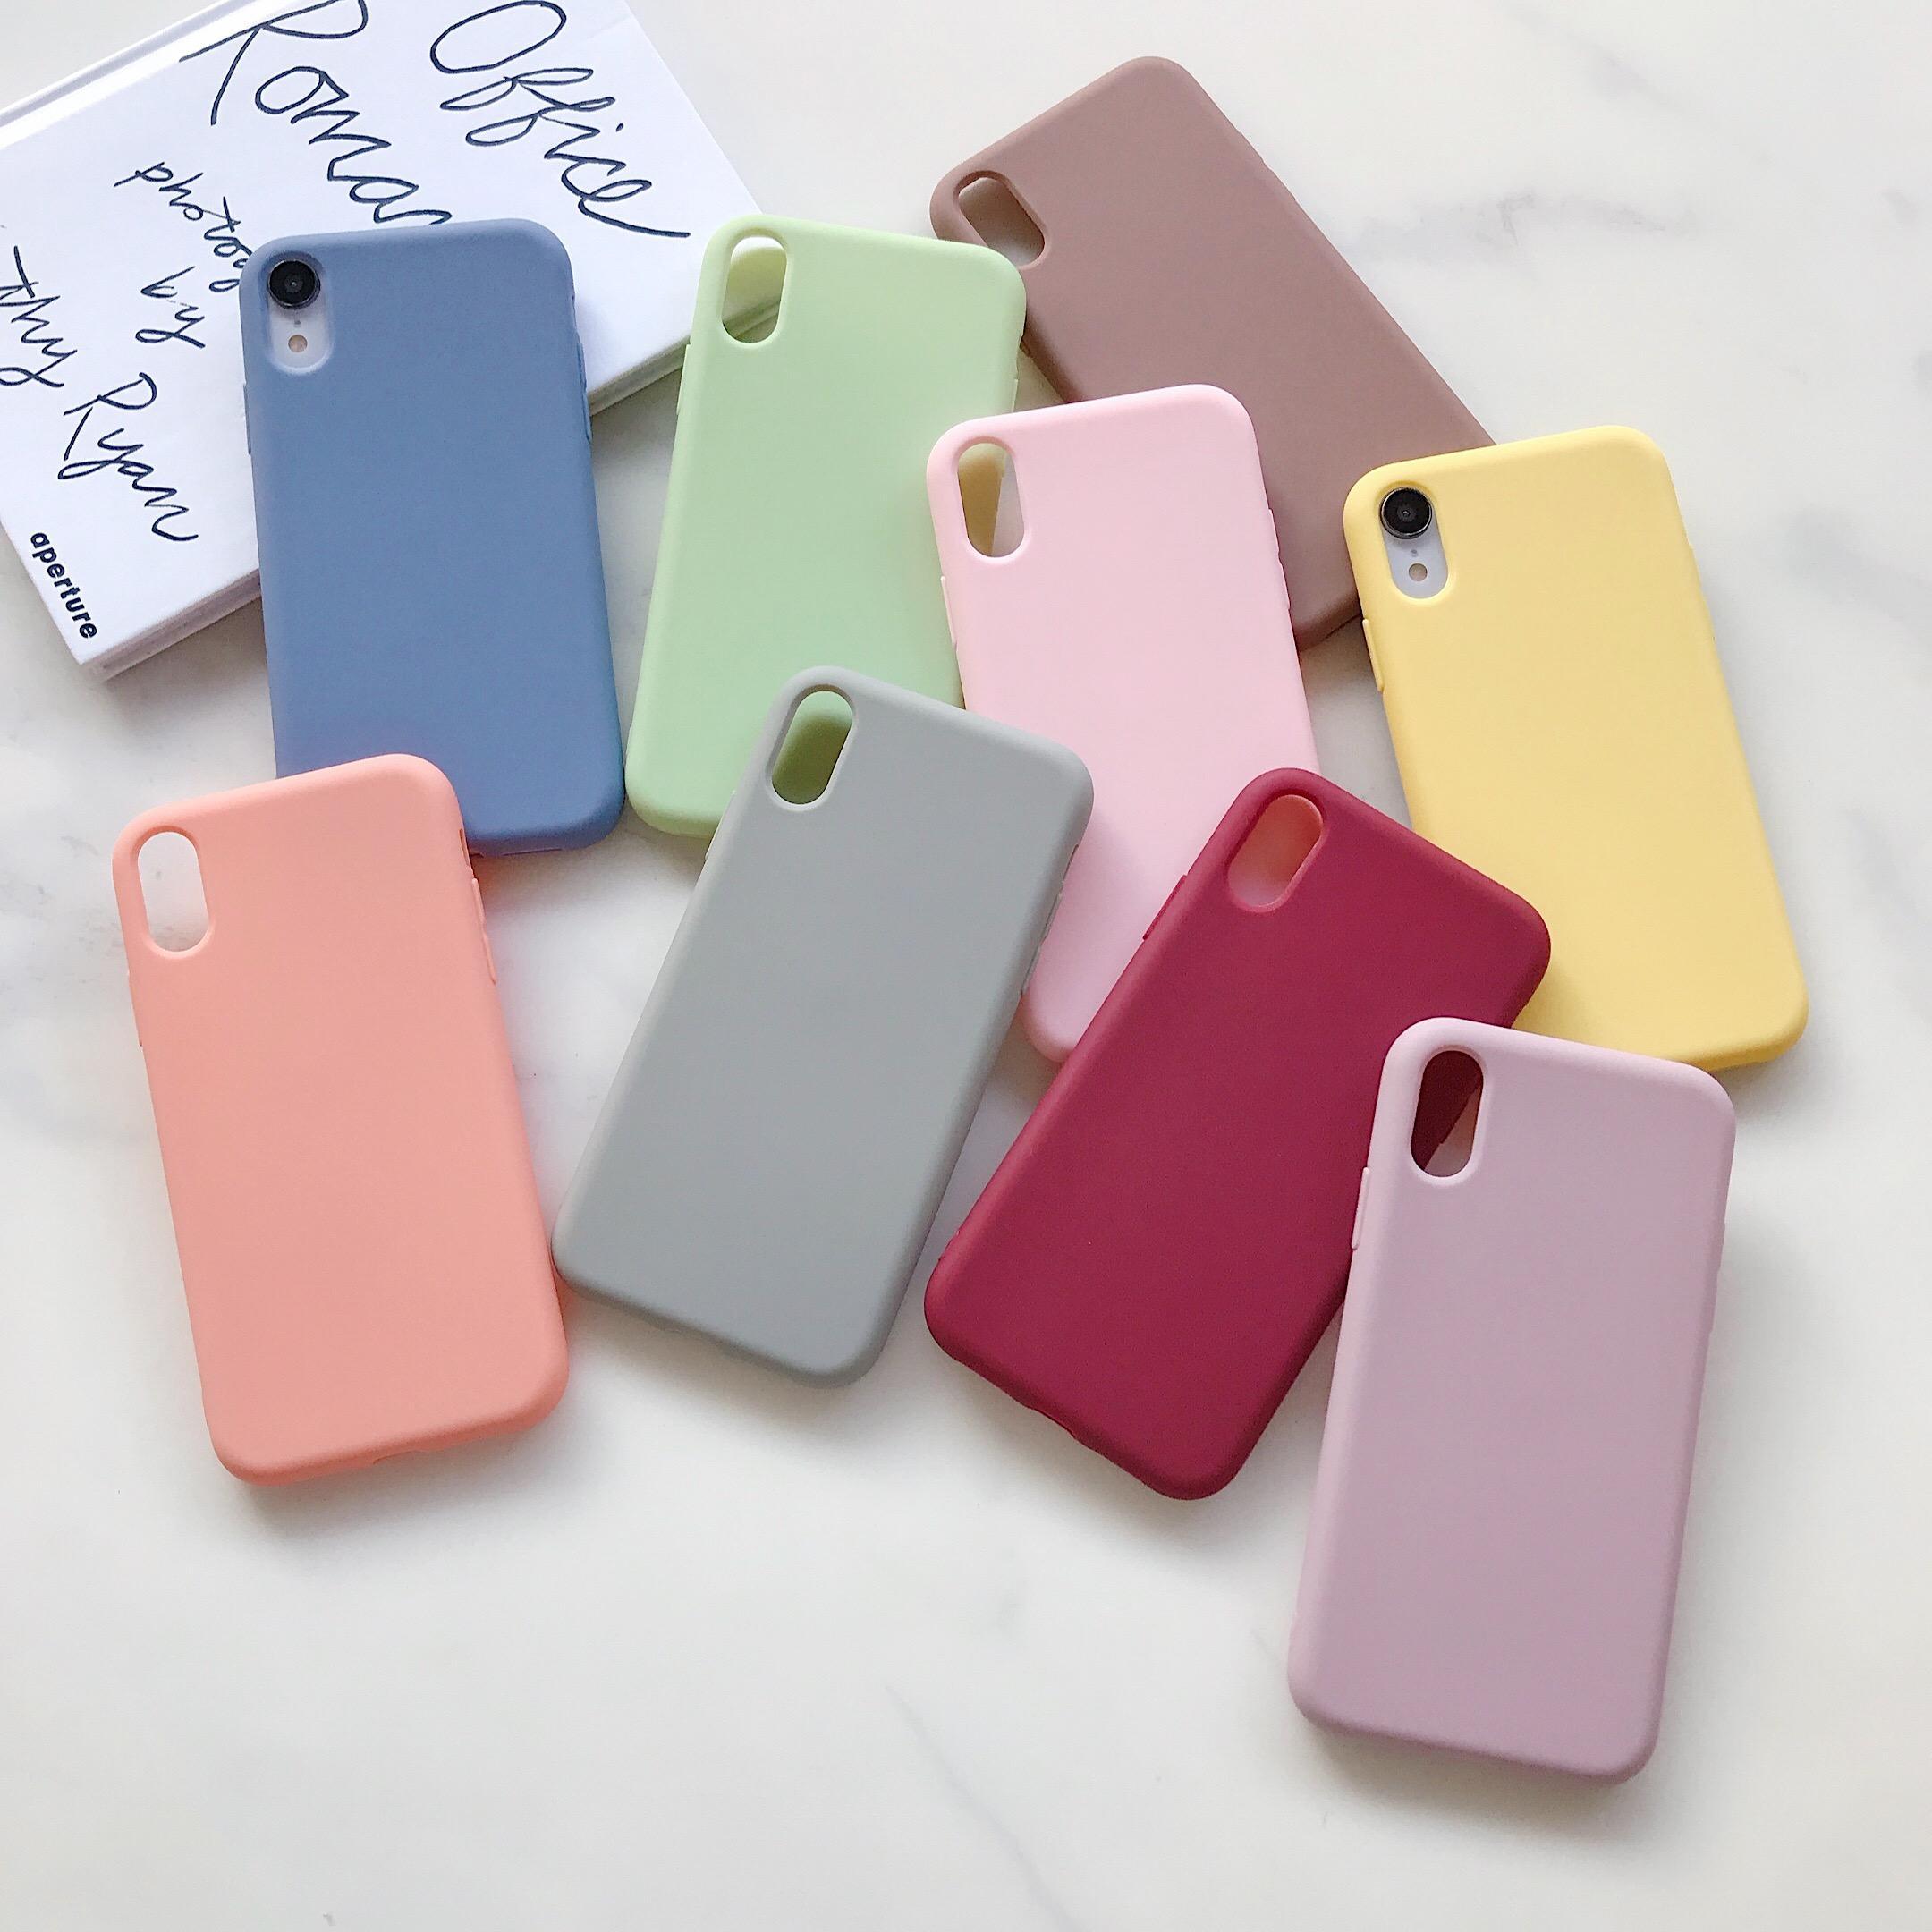 Einfache Schwarz-Farben-TPU Telefon Coque für iPhone 11 Pro XS MAX XR X 8 7 6 6s Plus-Ultradünnes Silikon-weiche Süßigkeit-Farben-Fall